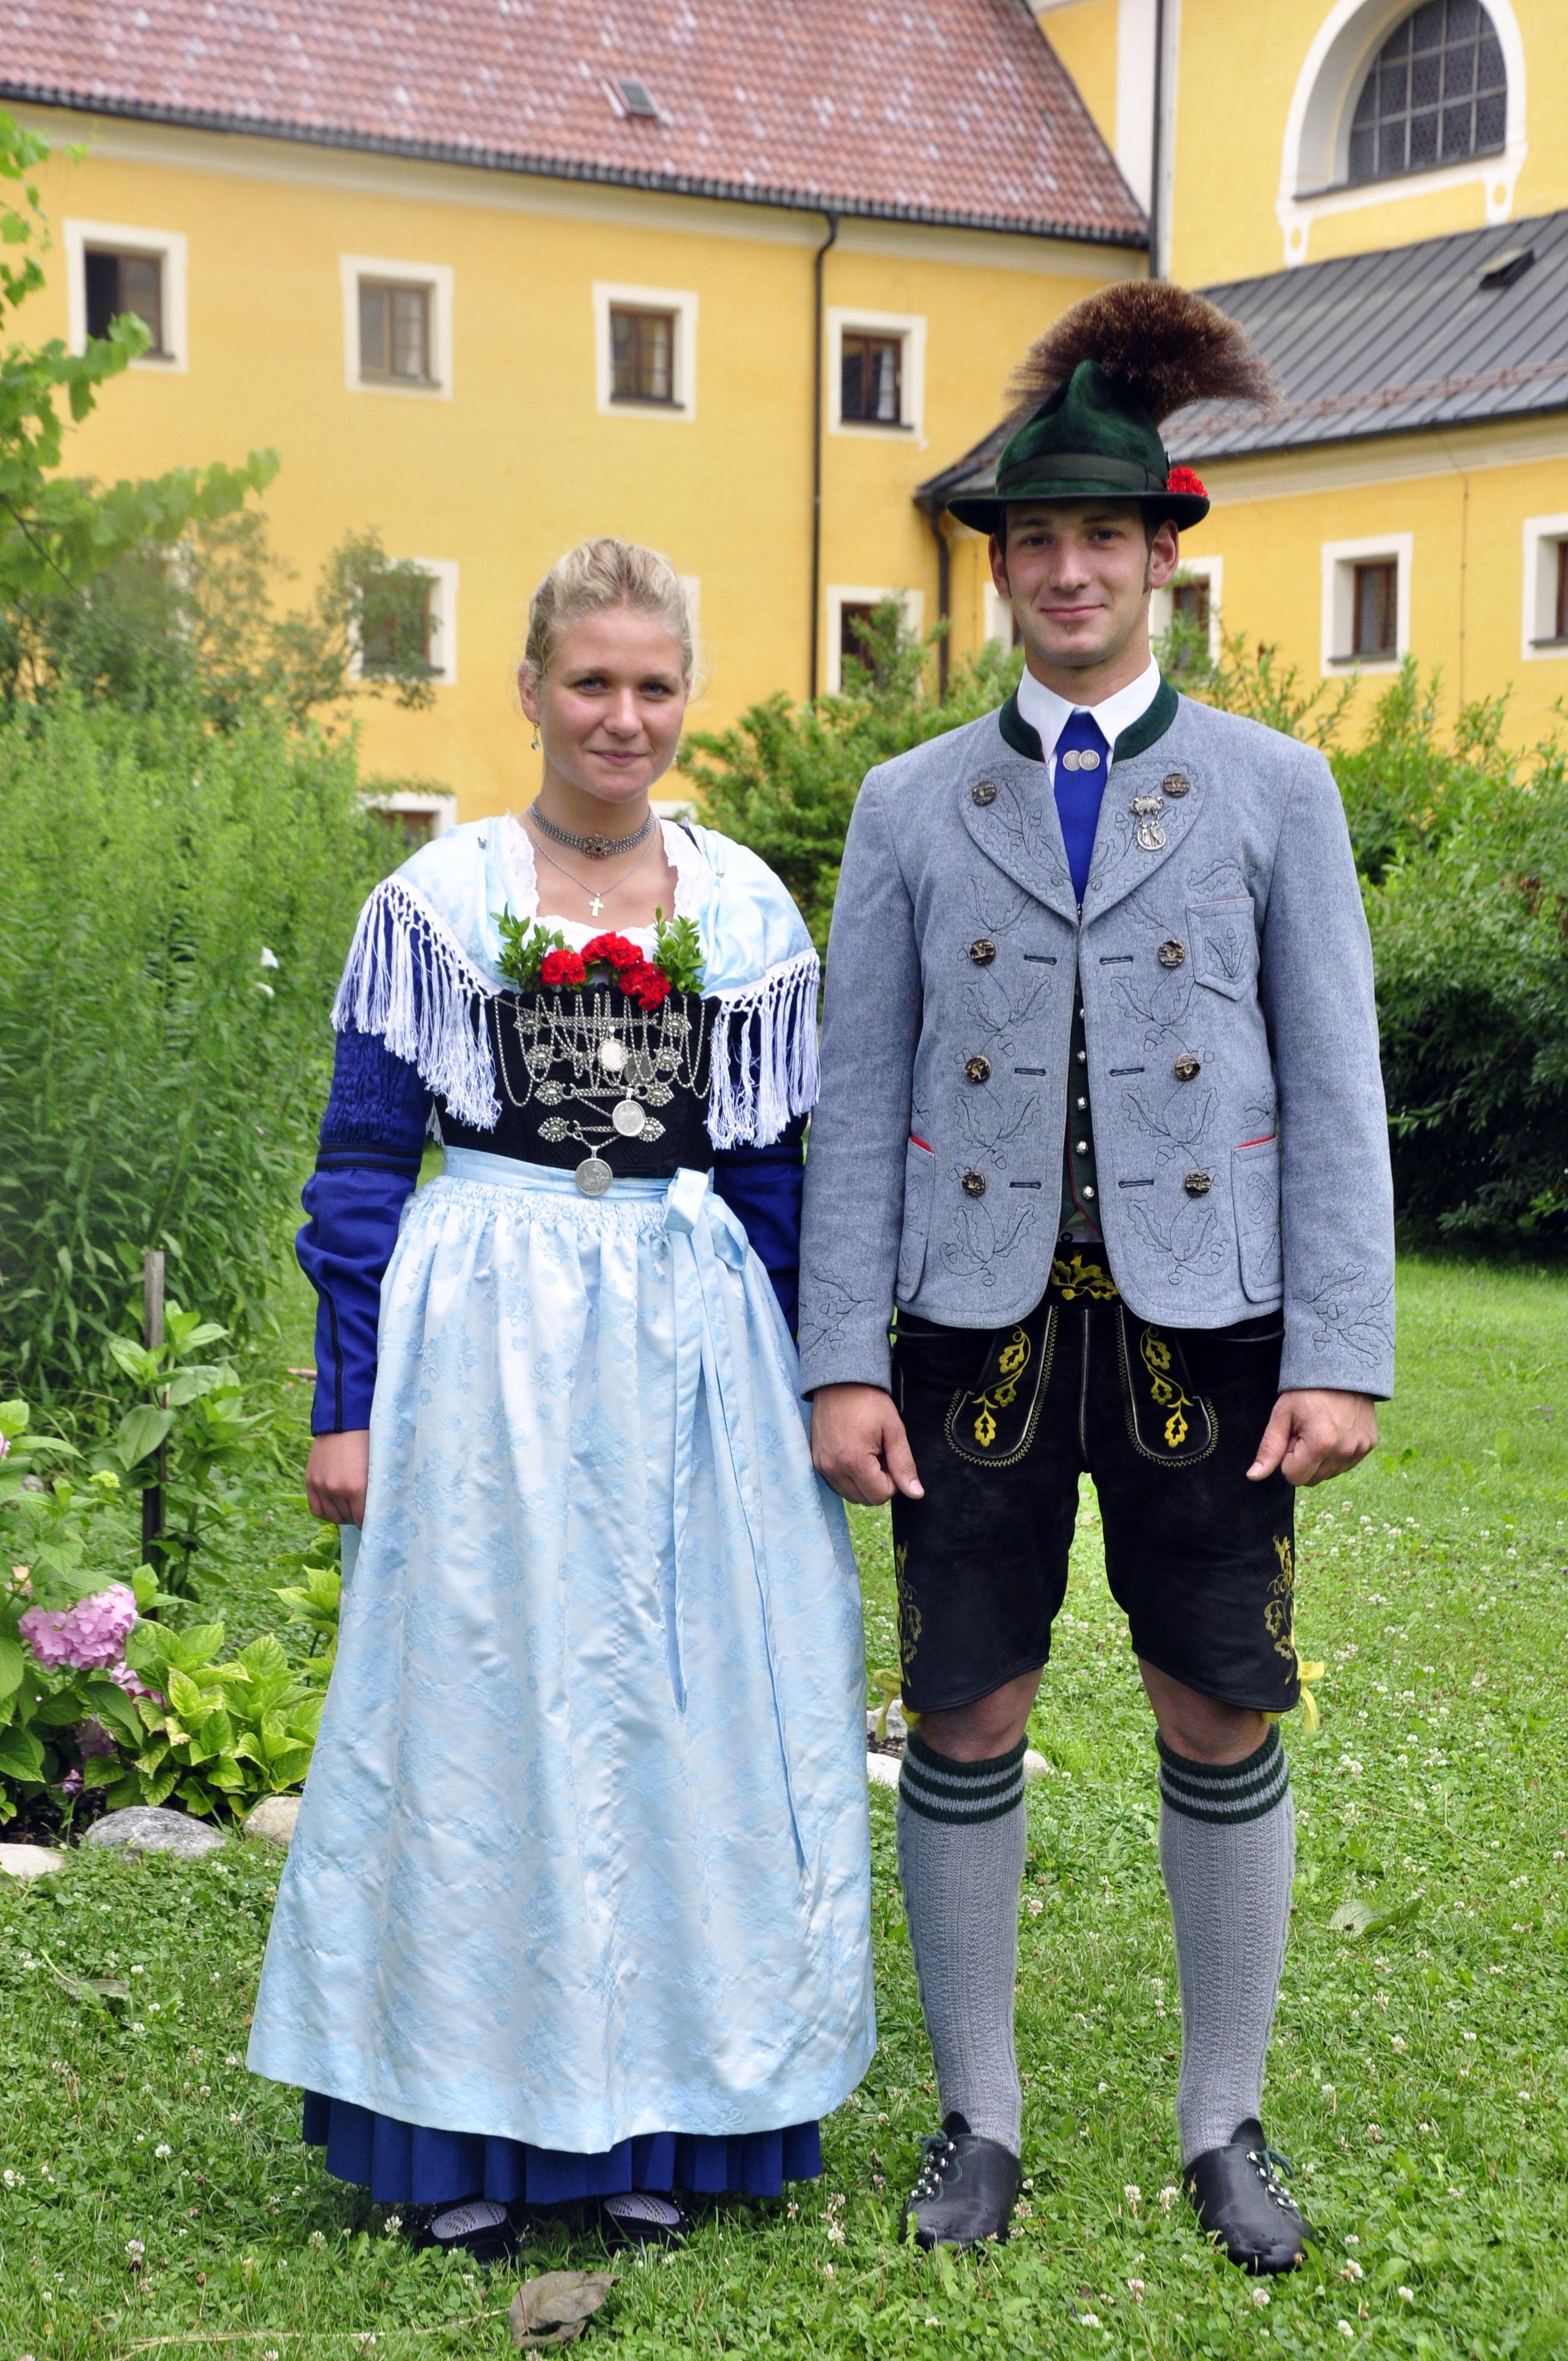 Miesbacher #Tracht - Die Tracht der junge, aktiven #Trachtler. GTEV D`Brünnstoana Niederaudorf